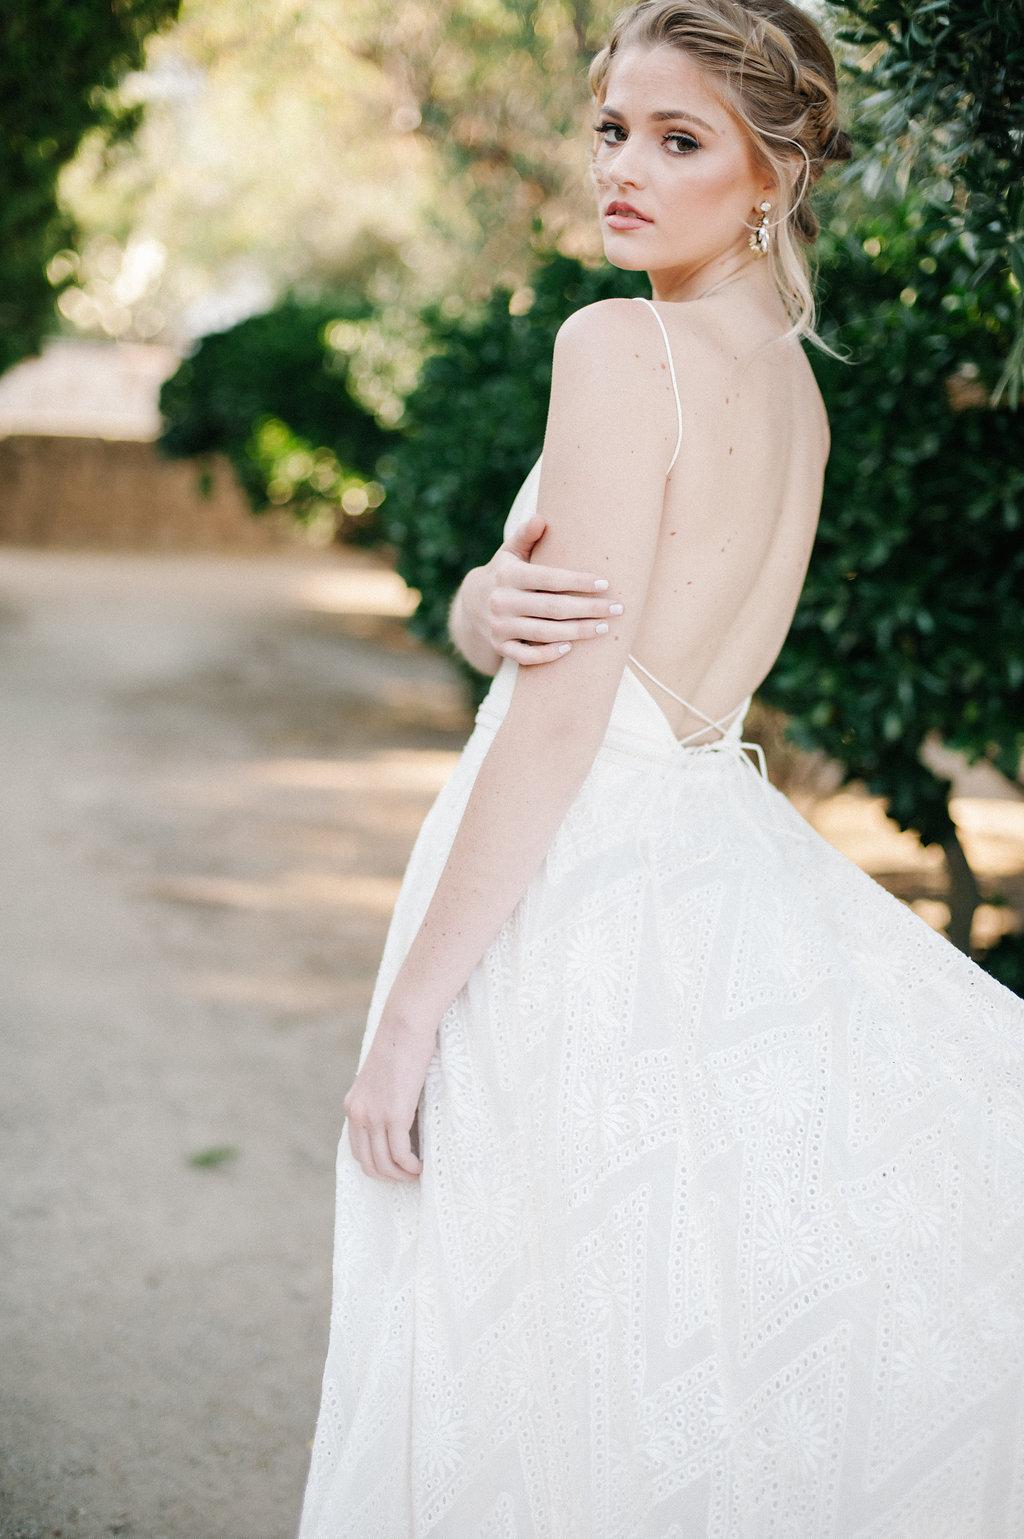 austyn-elizabeth-photography-205.JPG